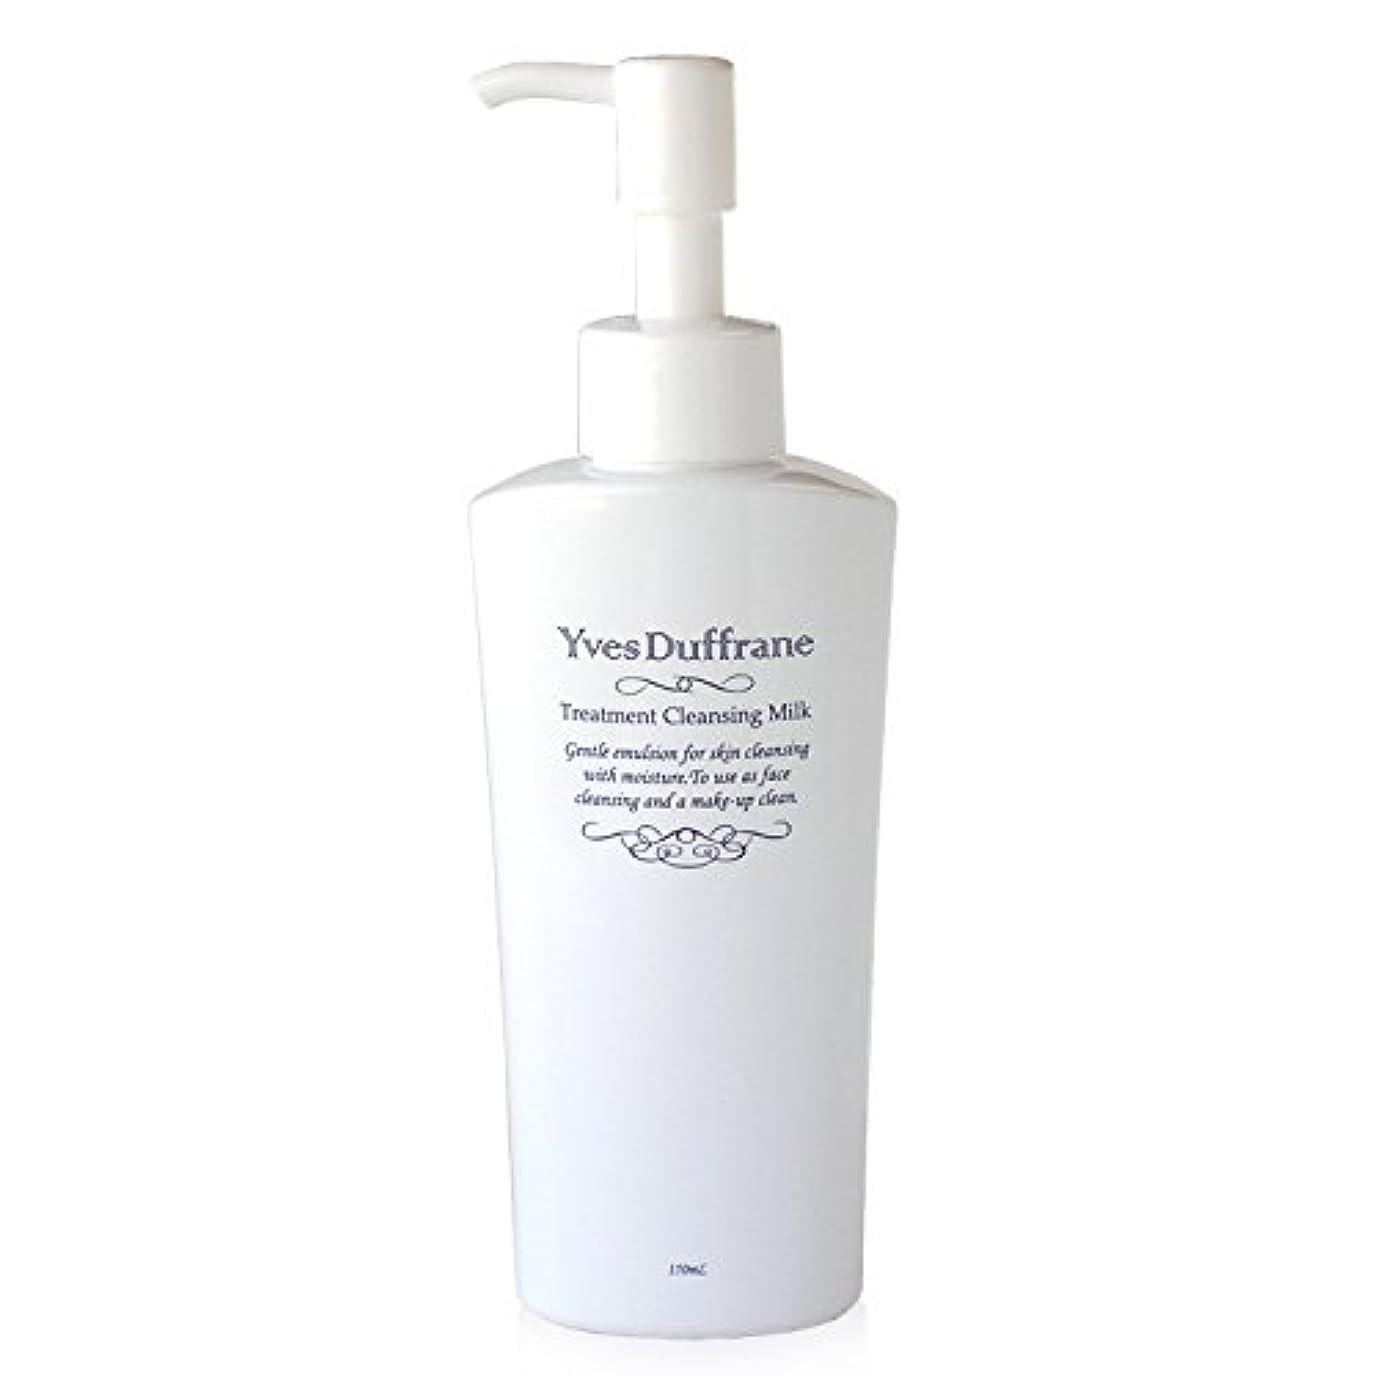 避難するいとこ鉛筆クレンジングミルク W洗顔不要 [ セラミド 配合 トリートメント クレンジング ミルク ] 毛穴 敏感 乾燥肌